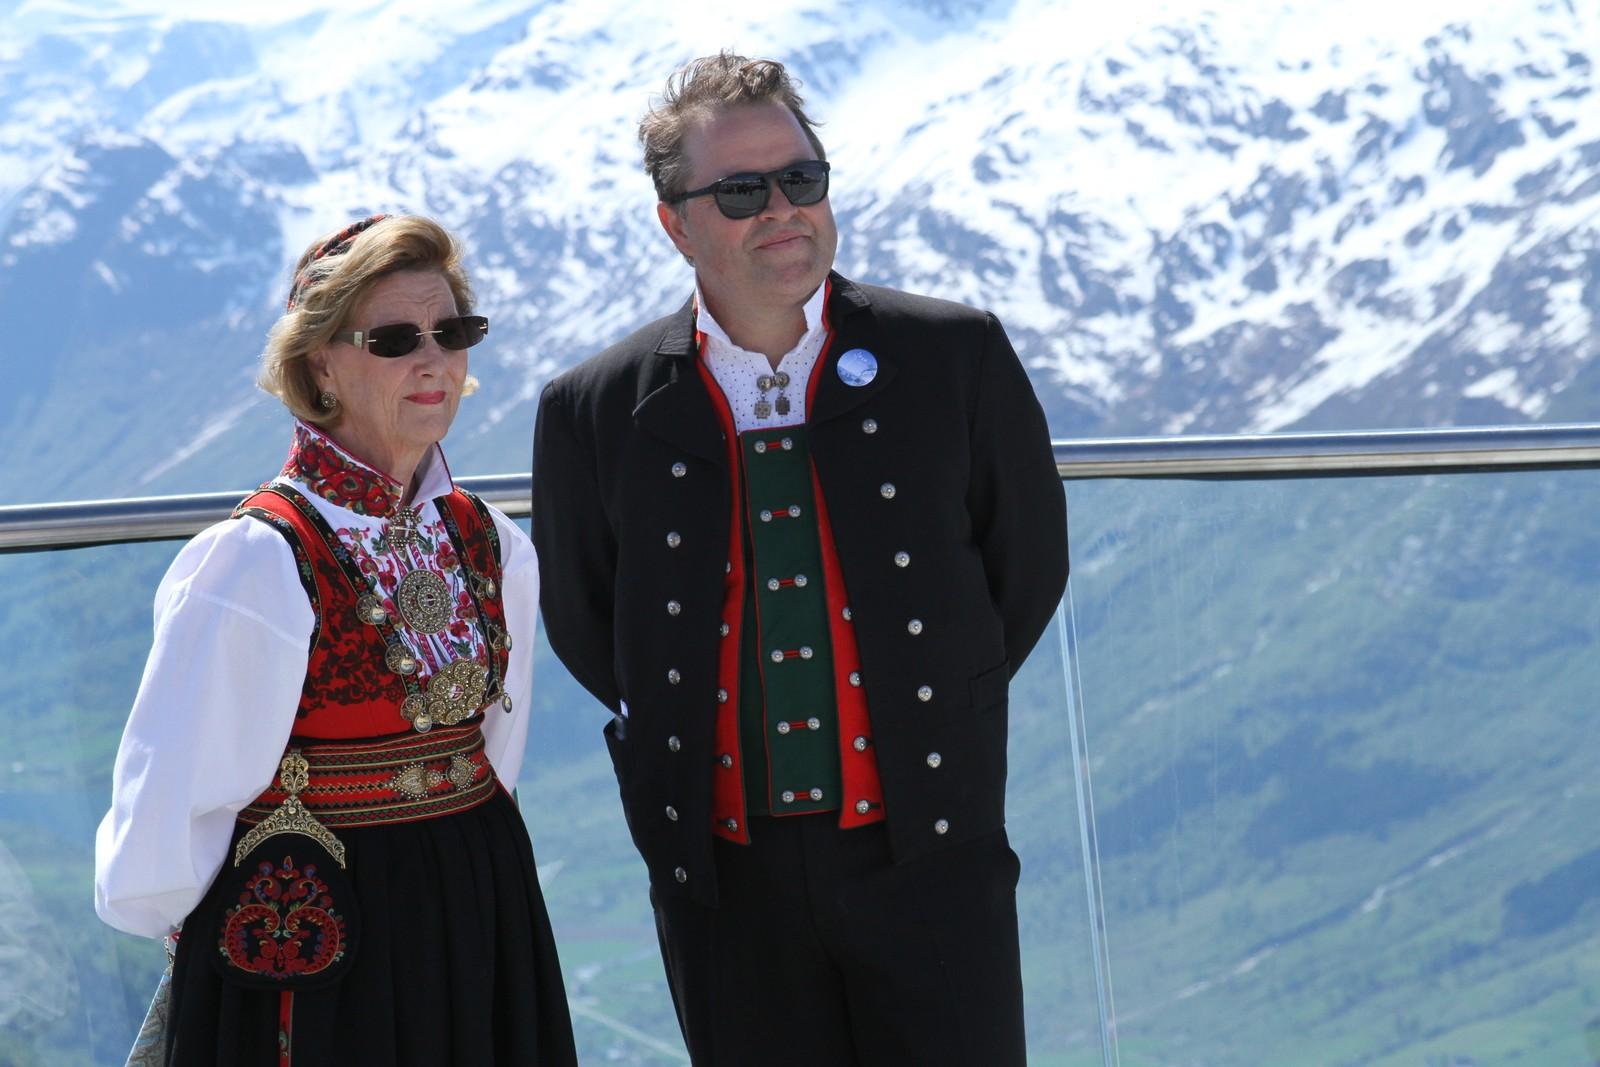 Arne Hjeltnes intervjua dronninga om dei mange fjellturane ho har gått i Nordfjord-området.